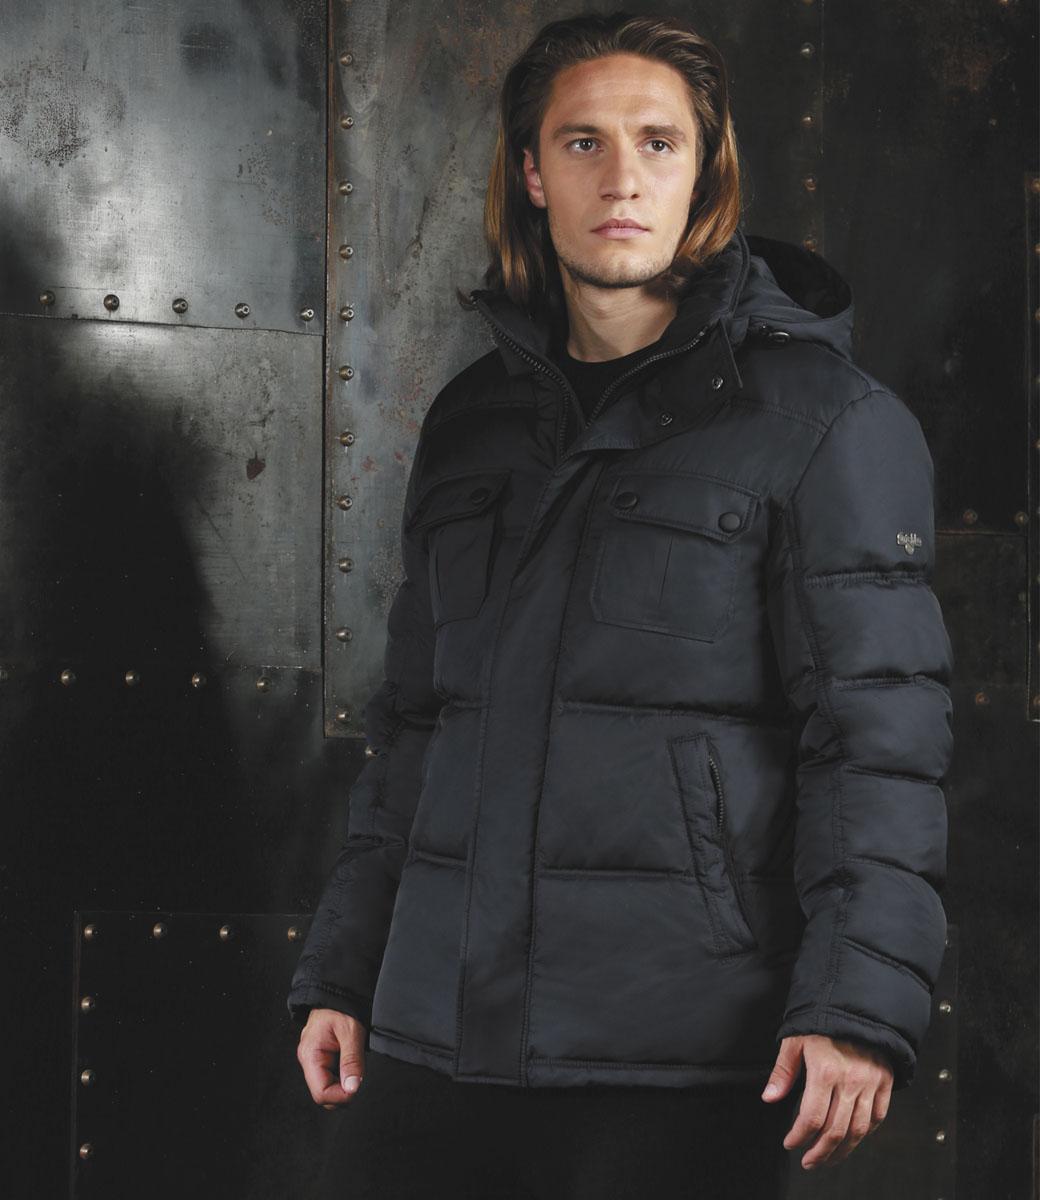 КурткаAL-2975Практичная универсальная куртка спортивного силуэта Grishko с застежкой на молнию и закрытым глубоким капюшоном, снабженным фиксаторами, дополнительно защищающим от непогоды, - незаменимая модель в холодную осеннюю погоду. Куртка дополнена двумя накладными карманами с клапанами на кнопках на груди, двумя боковыми втачными карманами на молнии и внутренним карманом. Утеплитель - 100% микрофайбер - это утеплитель нового поколения, который отличается повышенной теплоизоляцией, антибактериальными свойствами, долговечностью в использовании и необычайно легок в носке и уходе.